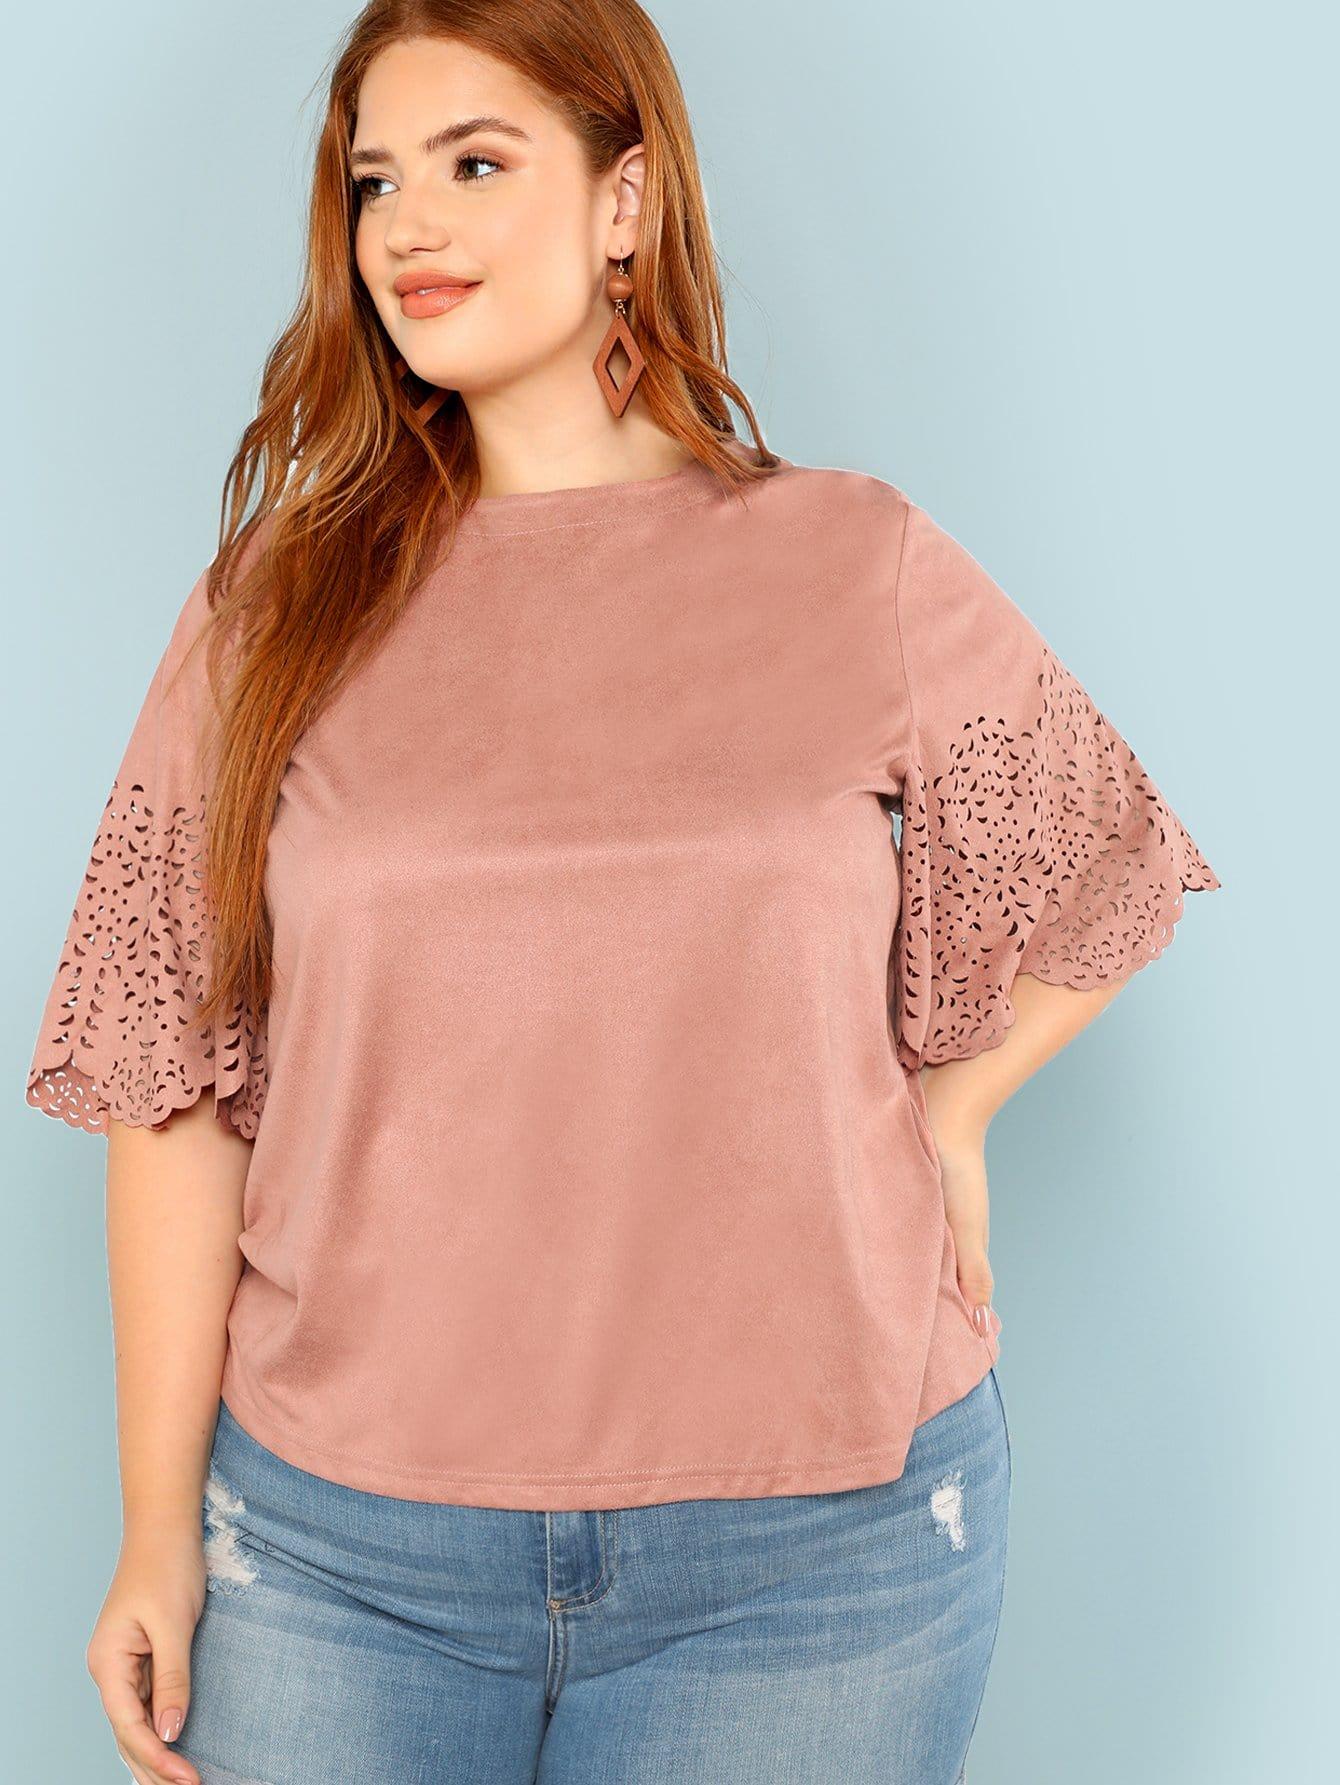 Купить Твердая блузка с широкими рукавами, Bree Kish, SheIn